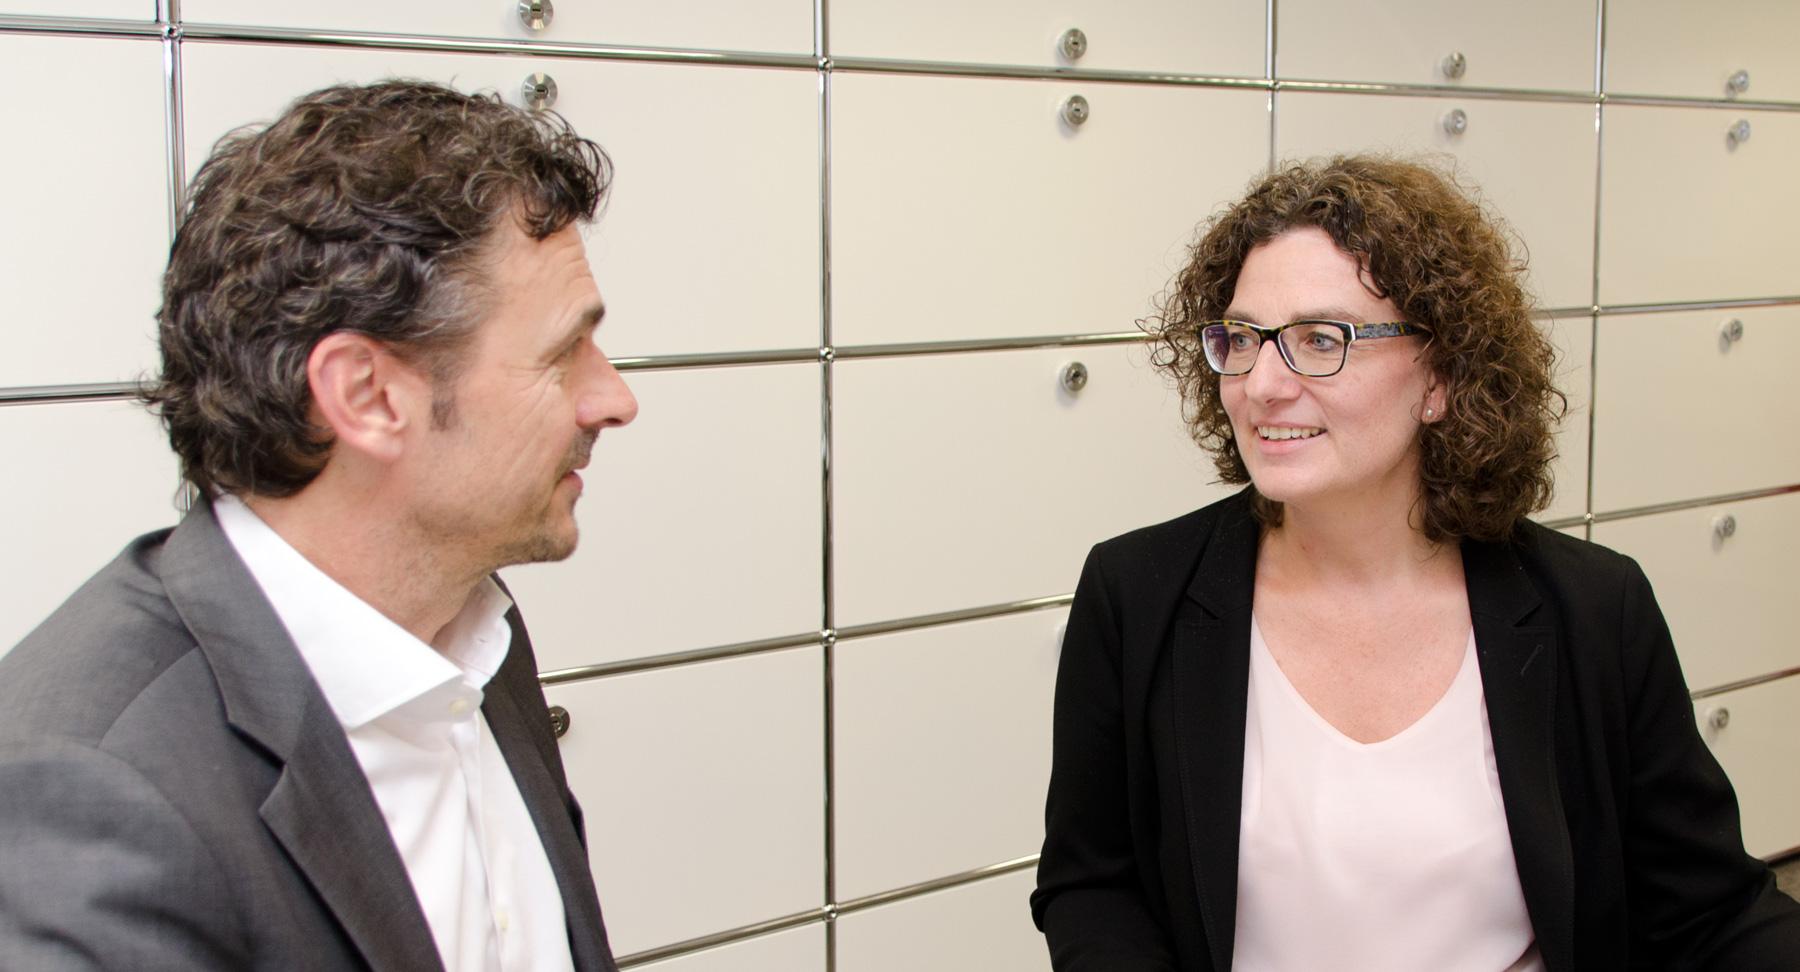 Gabriele Glahn-Nüßel, die bei der UmweltBank die Abteilung Wertpapiere & Vorsorge leitet, im Gespräch mit ECOreporter-Chefredakteur Jörg Weber. / Foto: Unternehmen